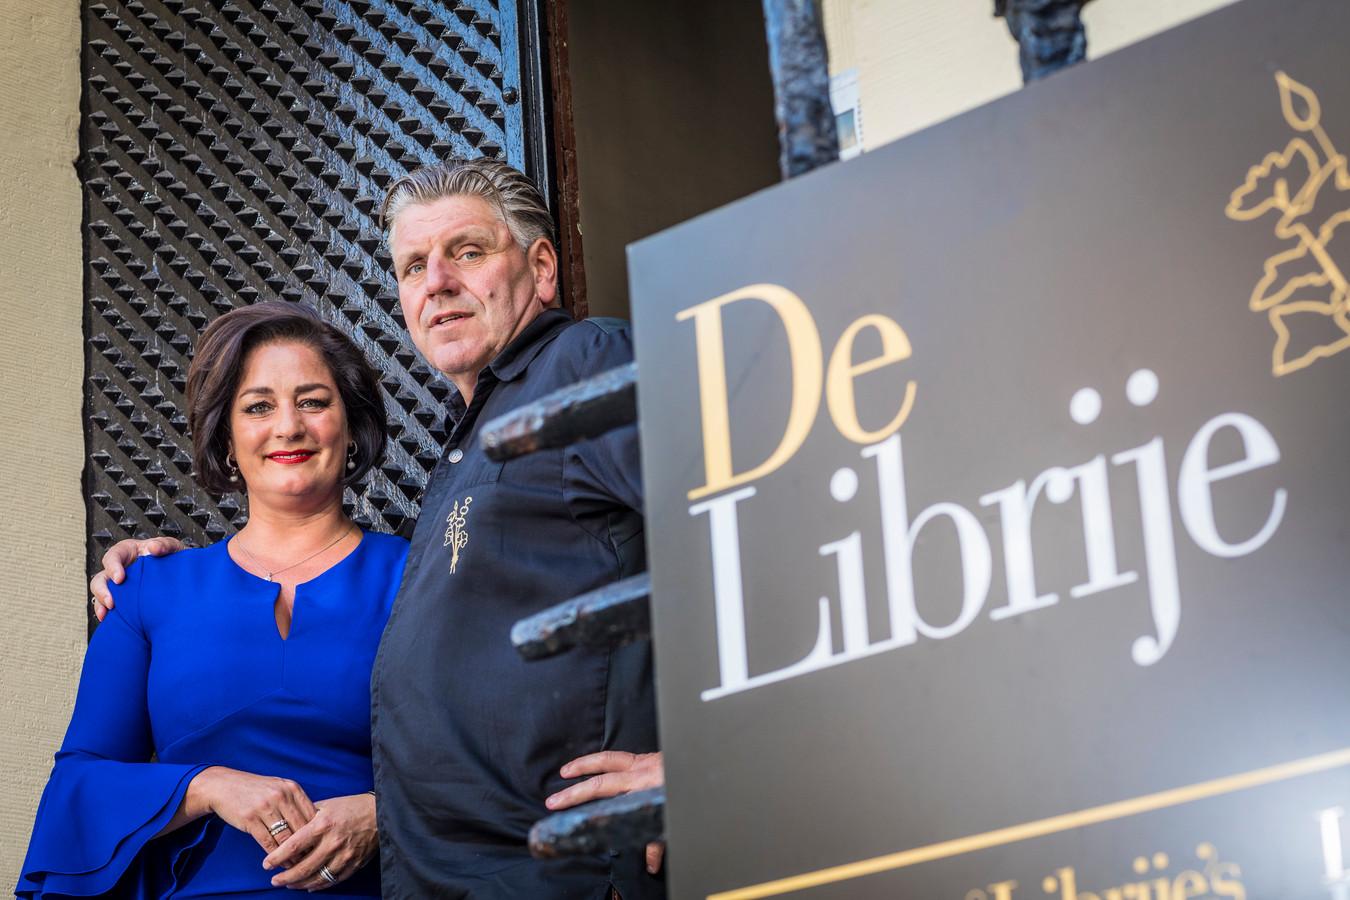 Thérèse en Jonnie Boer van De Librije in Zwolle. Het restaurant staat op de 9e plaats in een internationale ranglijst van vegetarische restaurants.